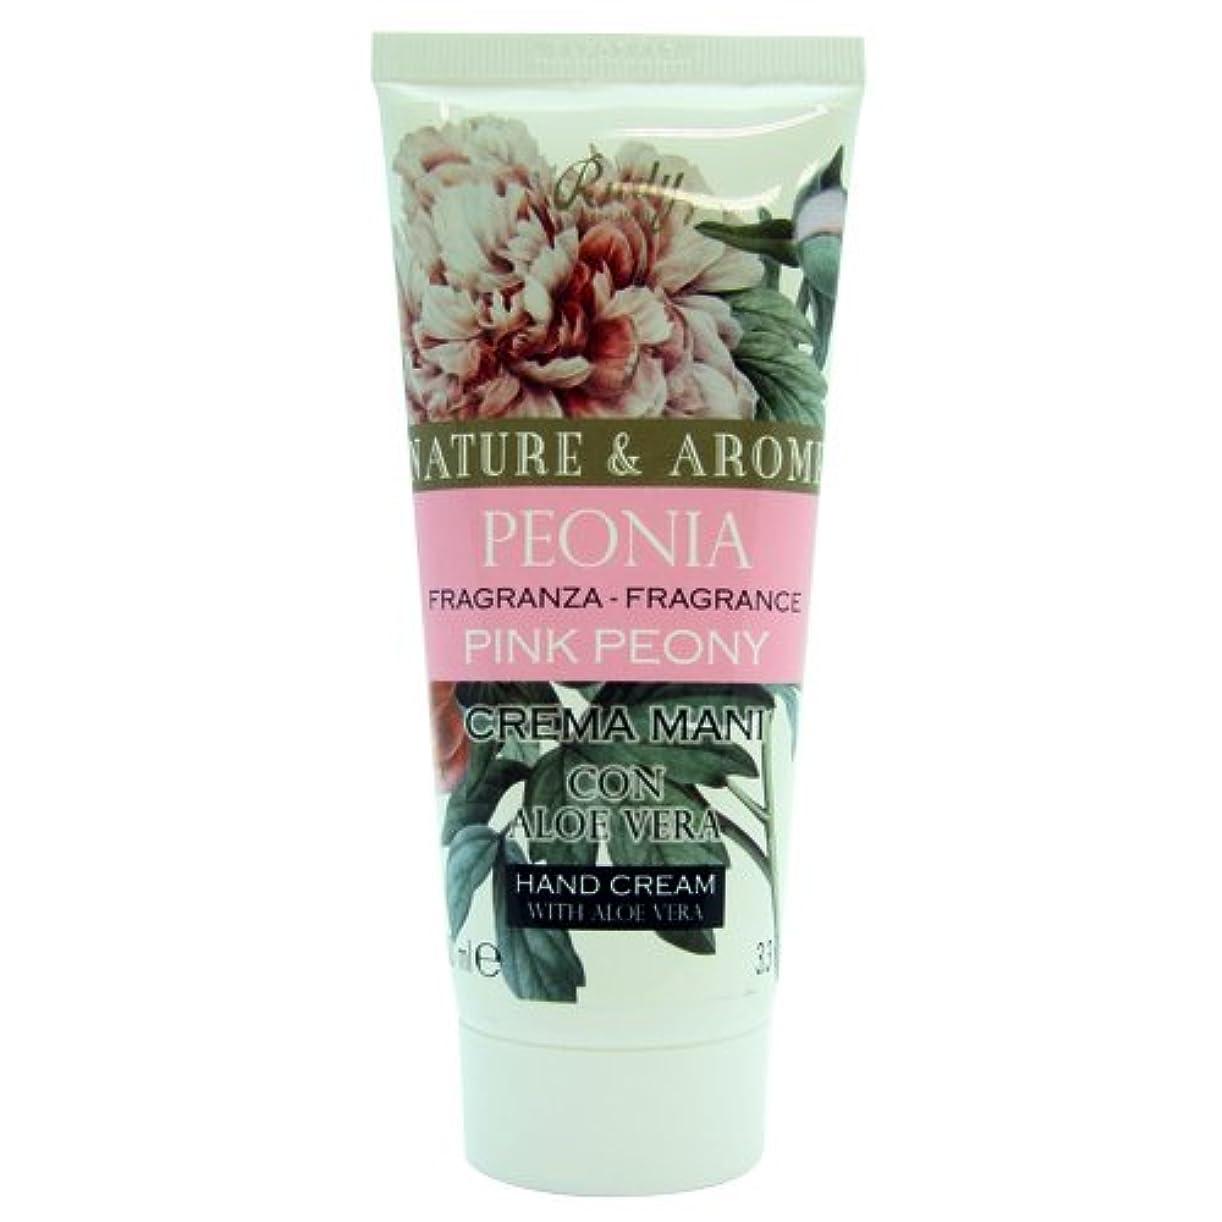 信じられない農村削除するRUDY Nature&Arome SERIES ルディ ナチュール&アロマ Hand Cream ハンドクリーム  ピンクピオニー